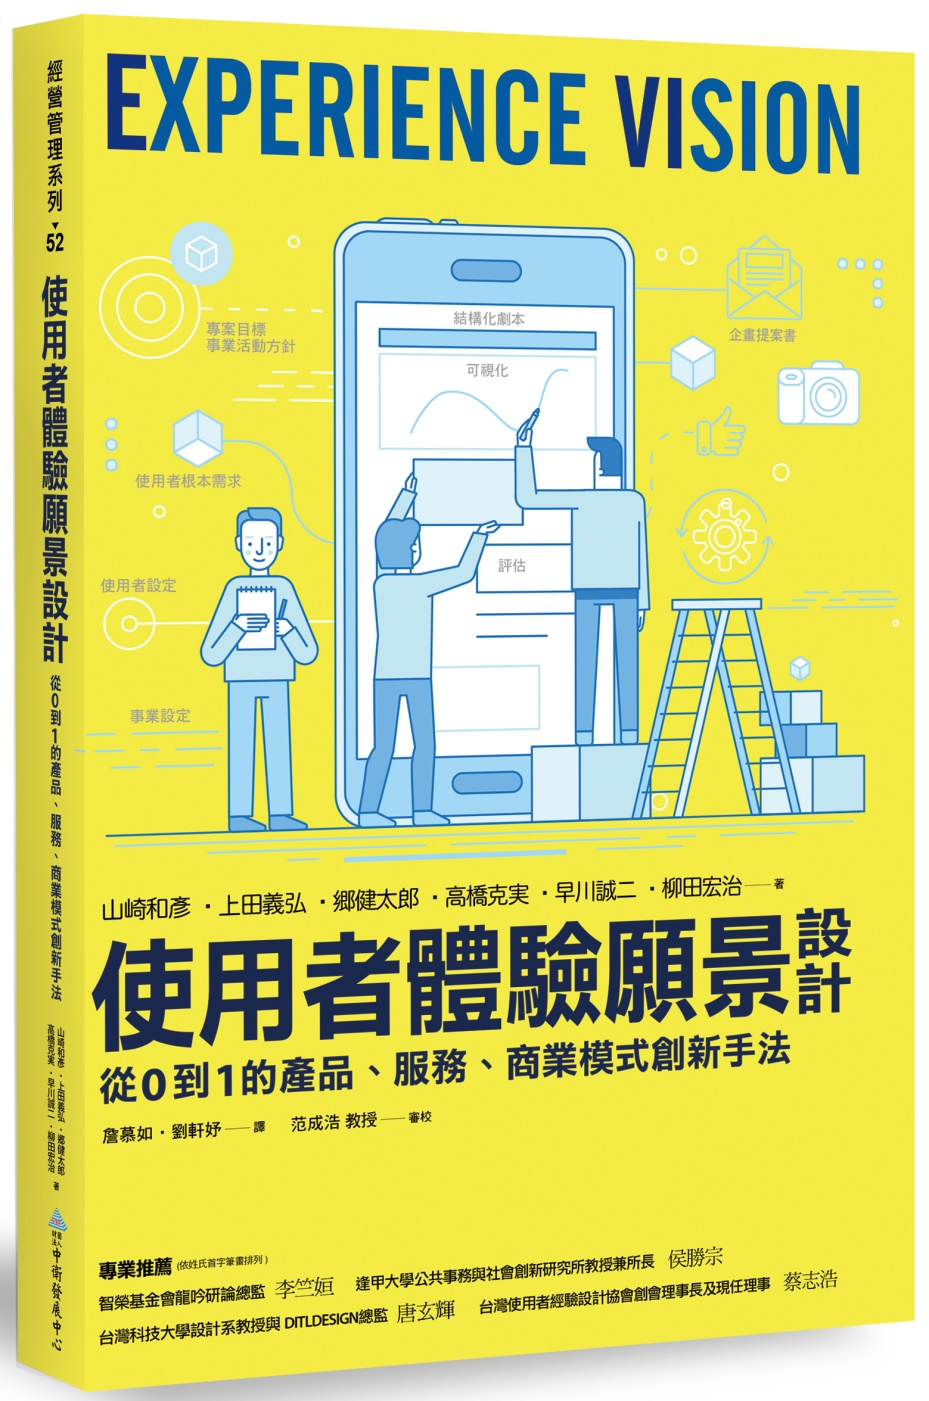 使用者體驗願景設計:從0到1的產品、服務、商業模式創新手法